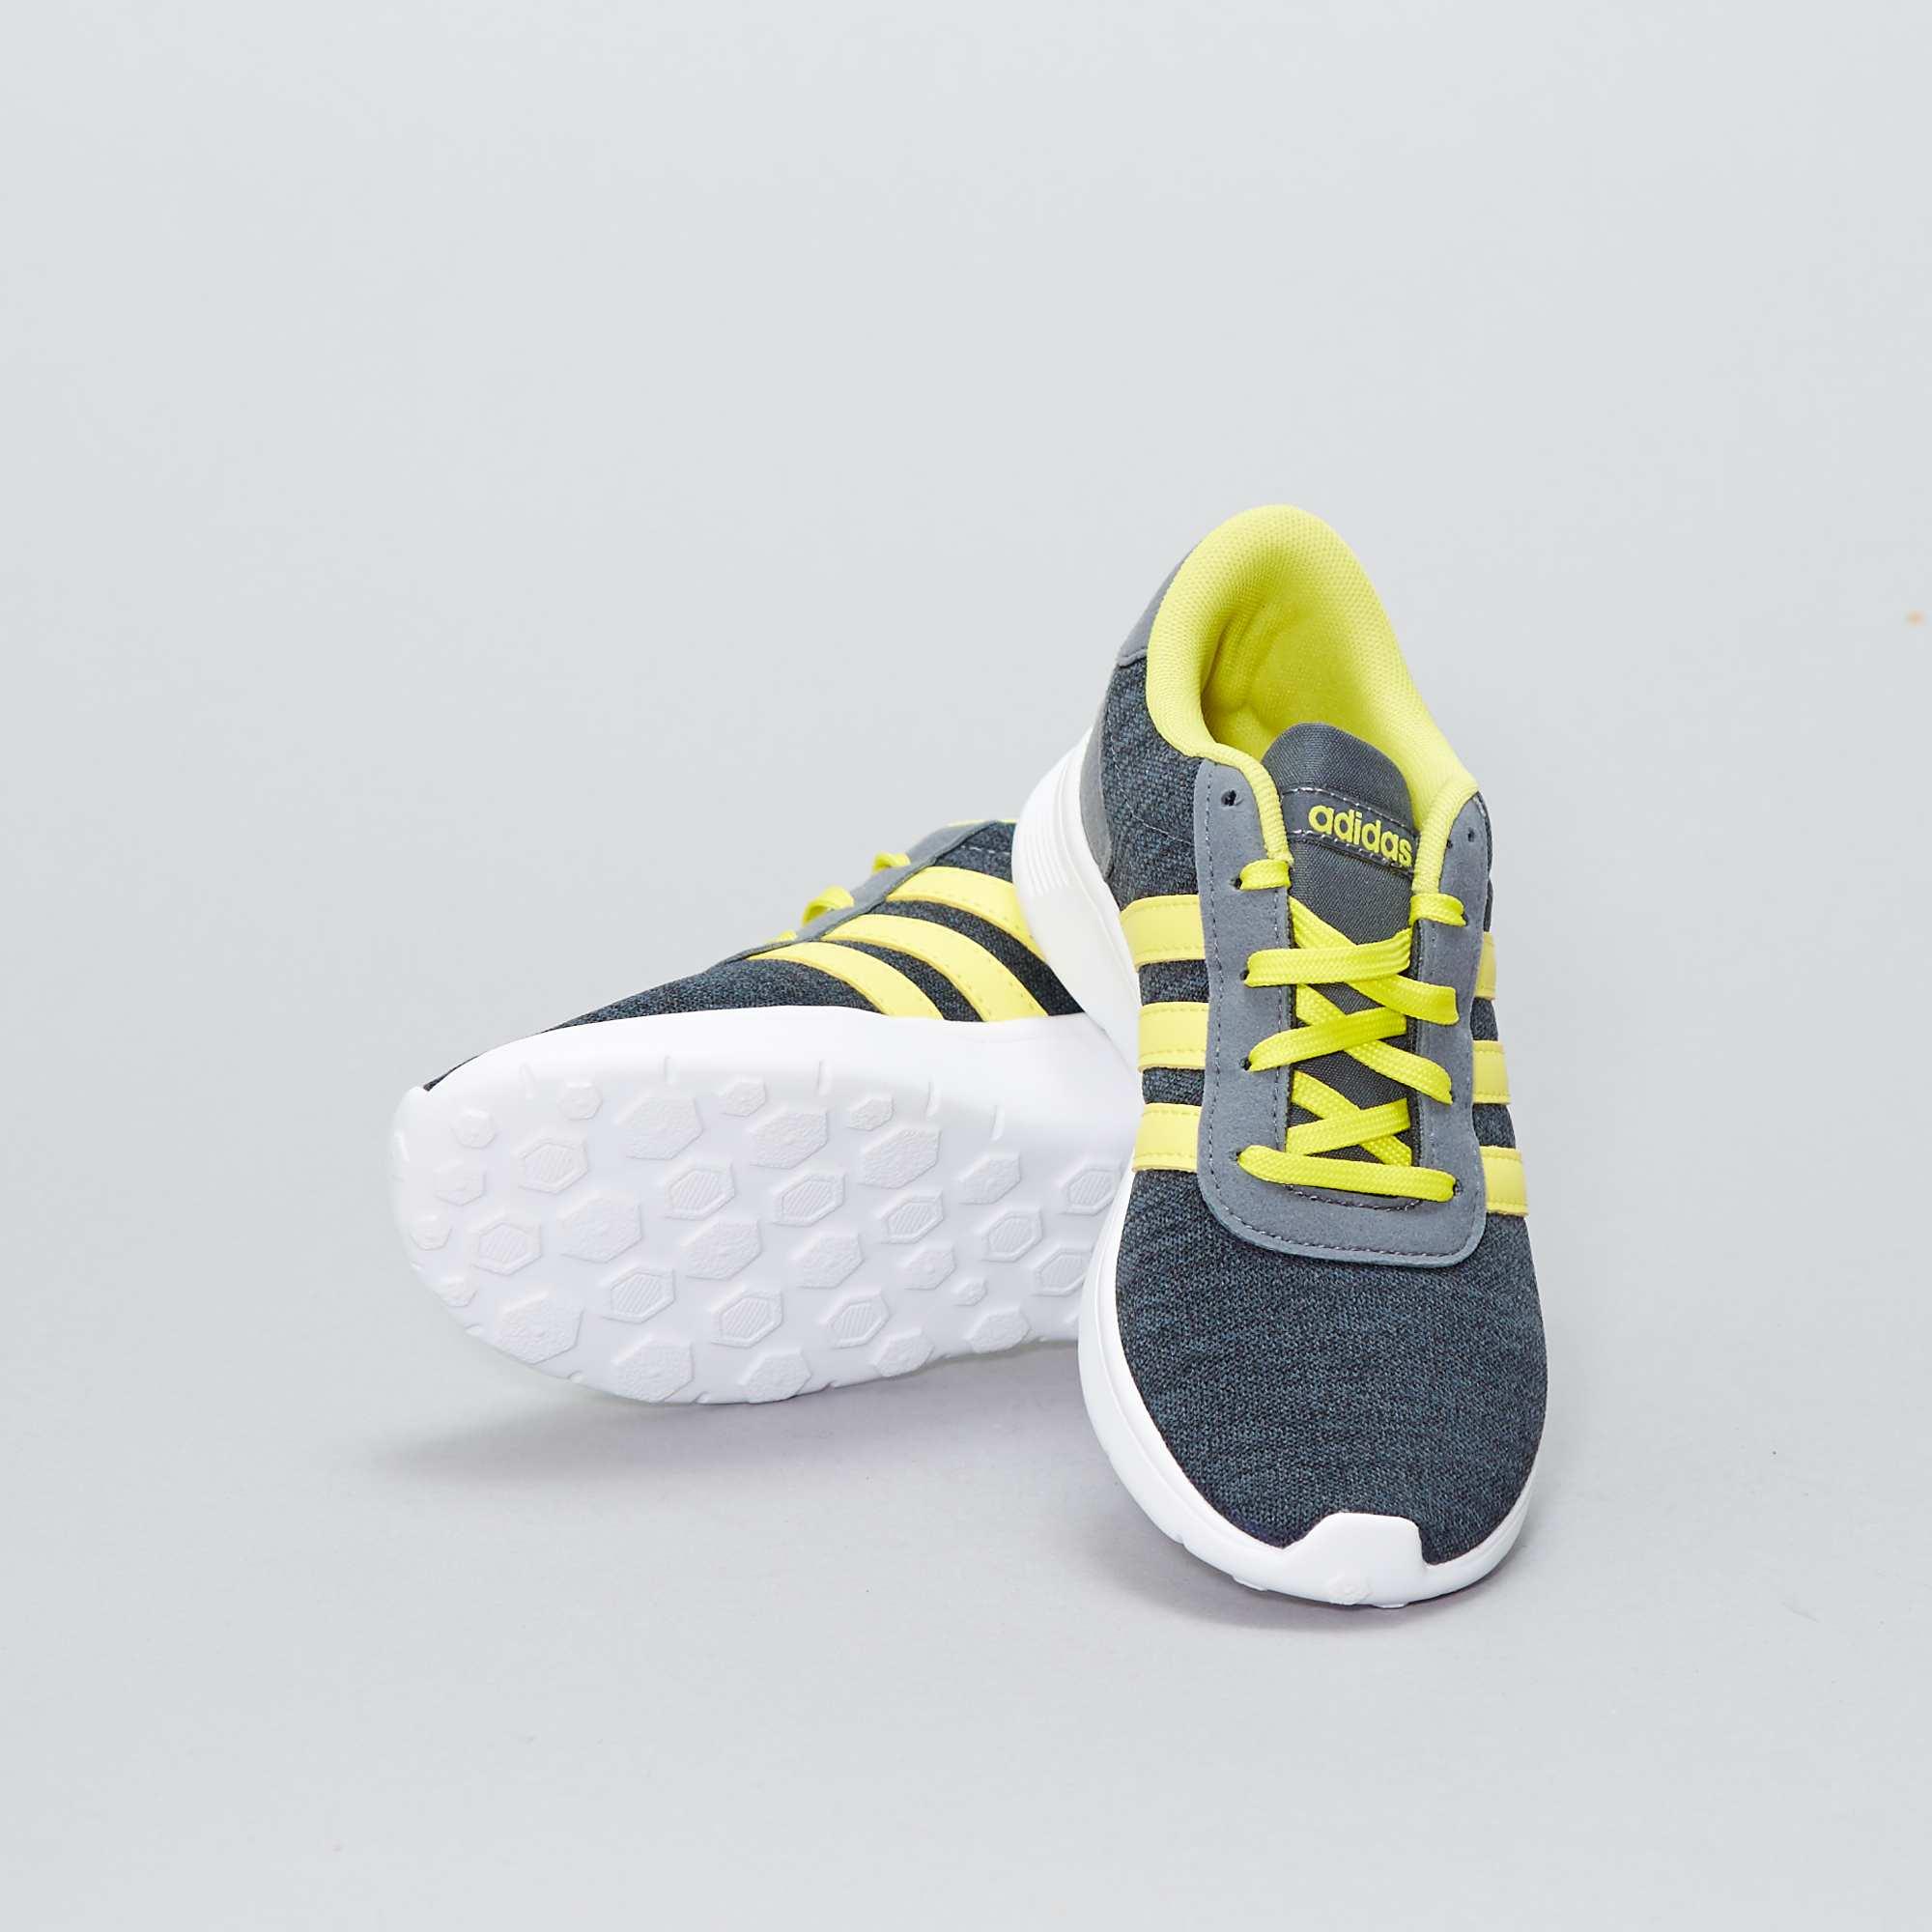 Lite 'adidas Racer' Baskets Garçon Gris Adolescent Textile En y7gf6b